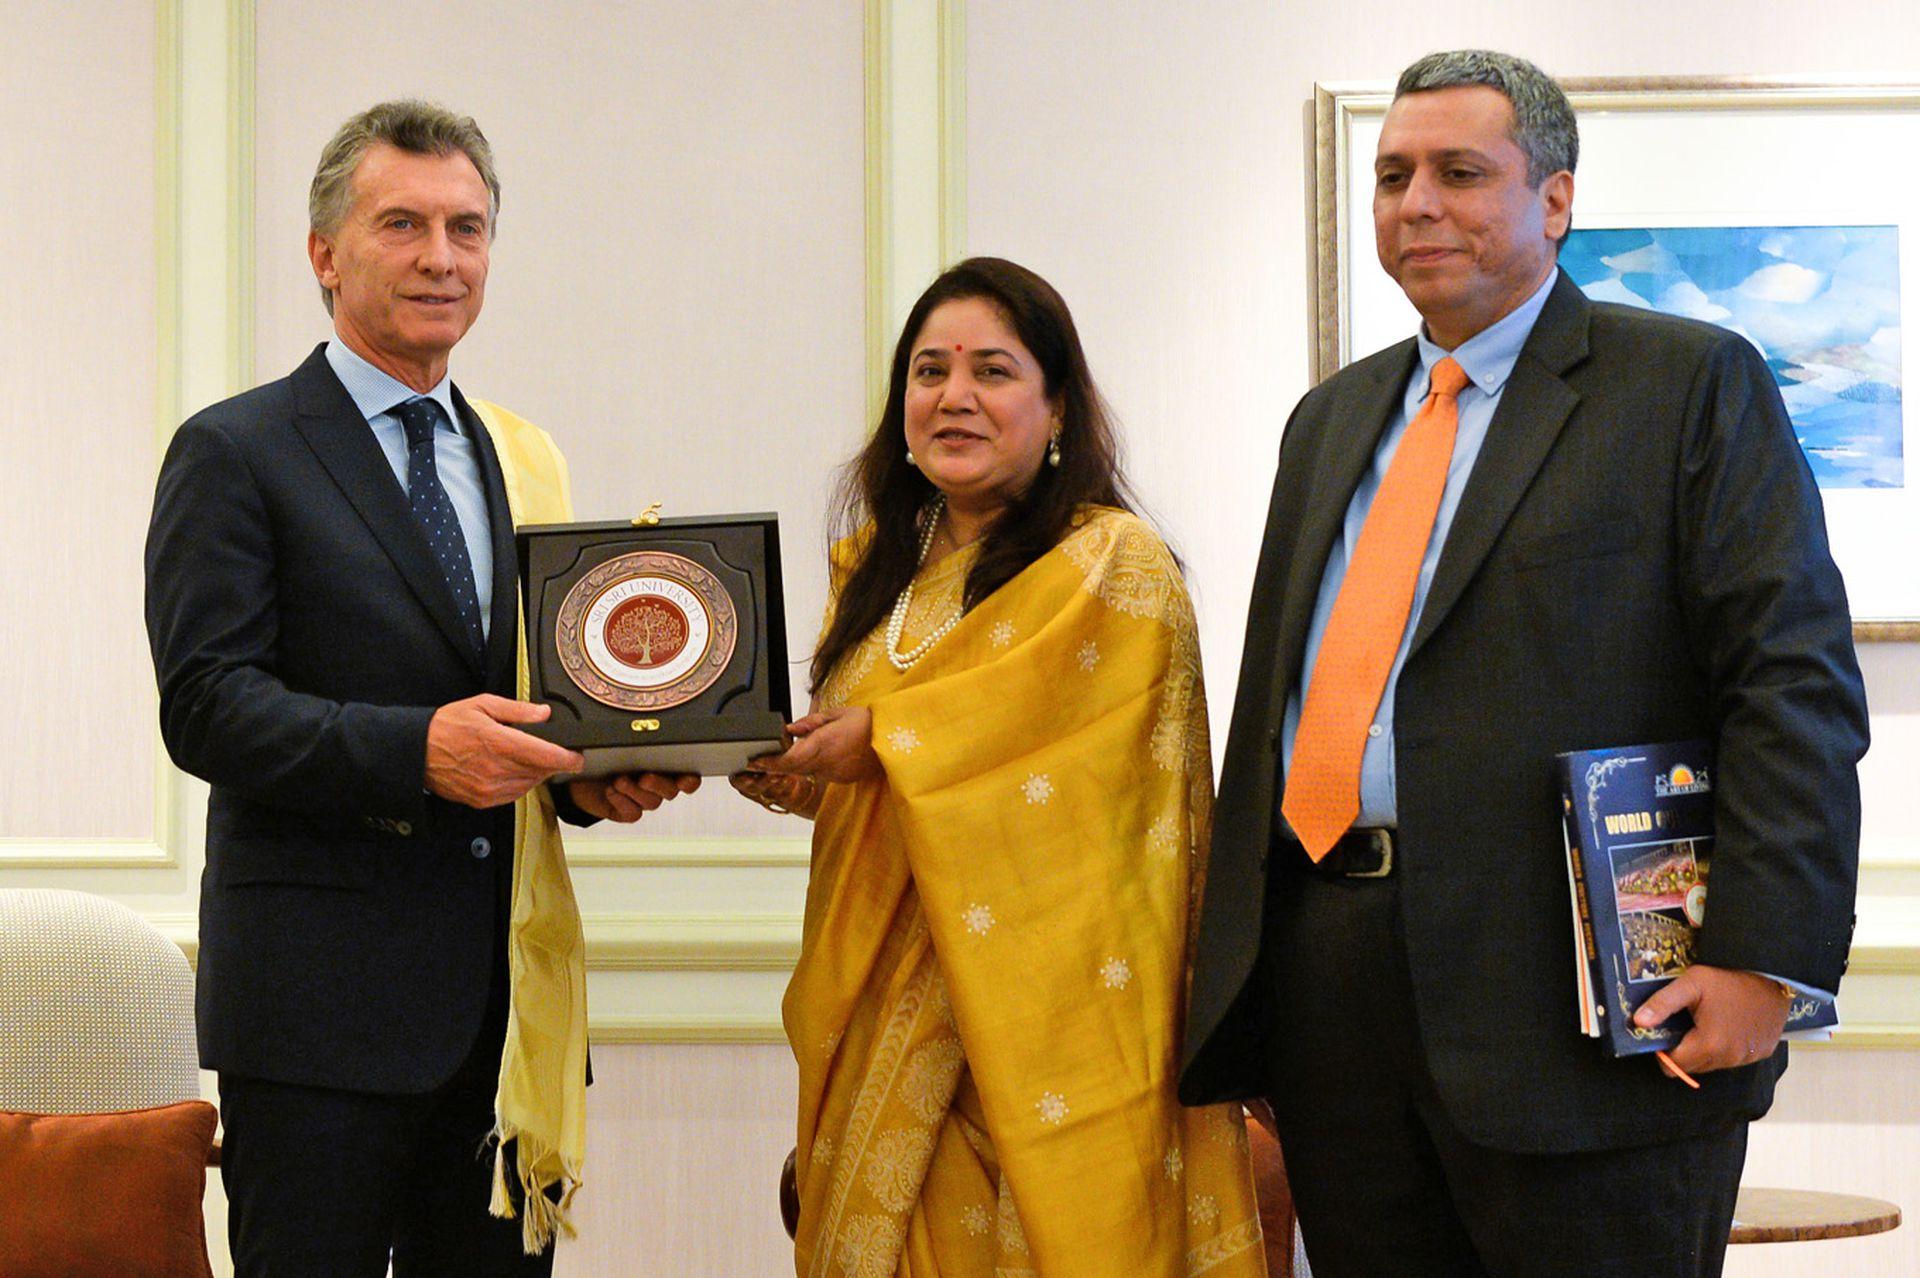 El presidente Mauricio Macri mantuvo un encuentro con la jefa de Relaciones Internacionales de la Fundación El Arte de Vivir, Rajita Kulkarny, y con el representante del directorio de esa organización Ajay Bagga en el hotel Taj Mahal Palace